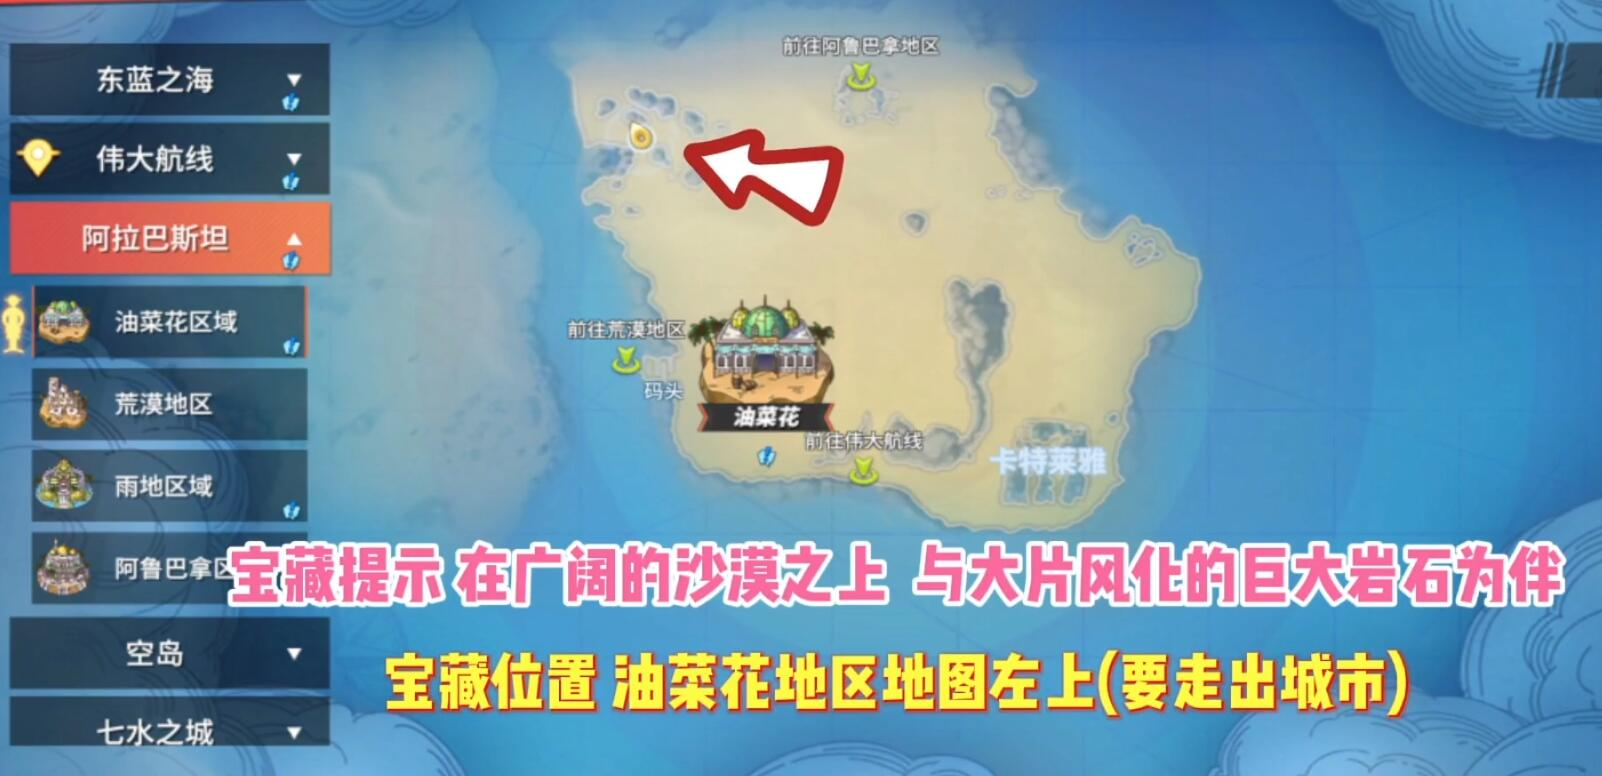 《航海王热血航线》全地图藏宝图位置大全